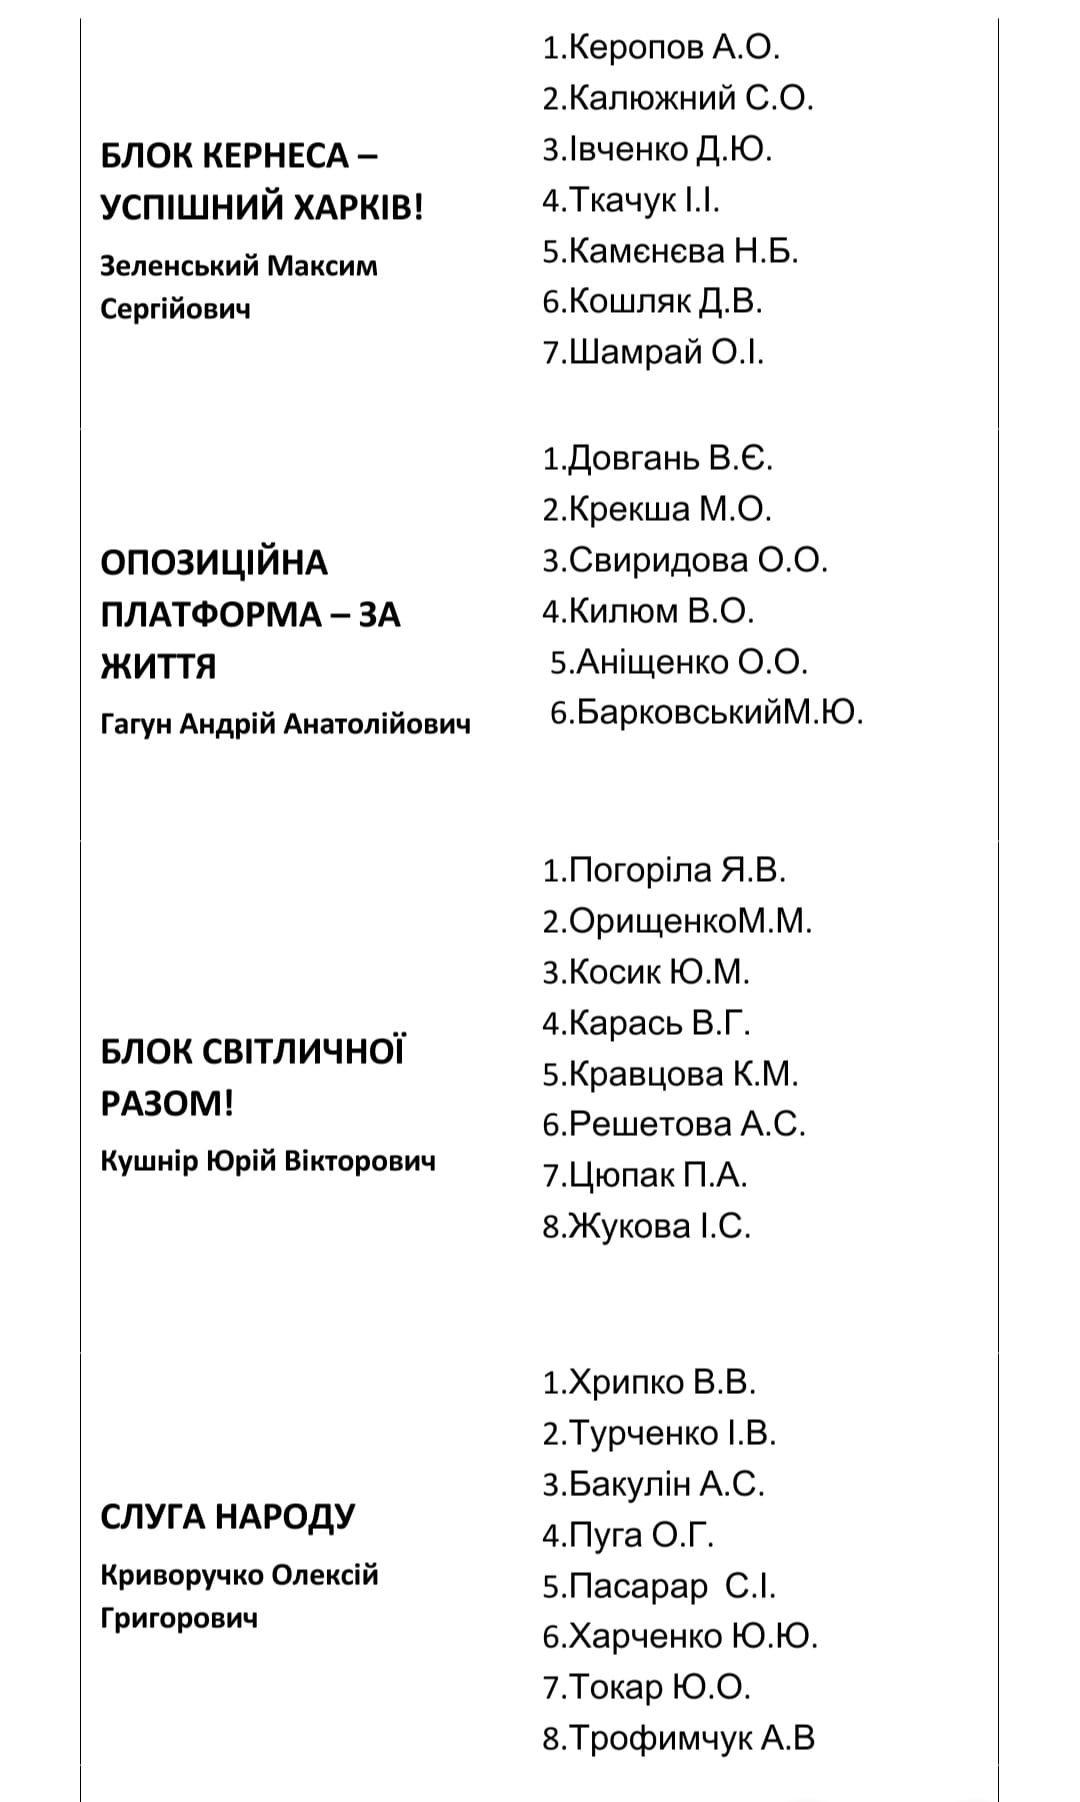 Депутаты по округам: кто хочет представлять ваши интересы в Лозовском горсовете, фото-10